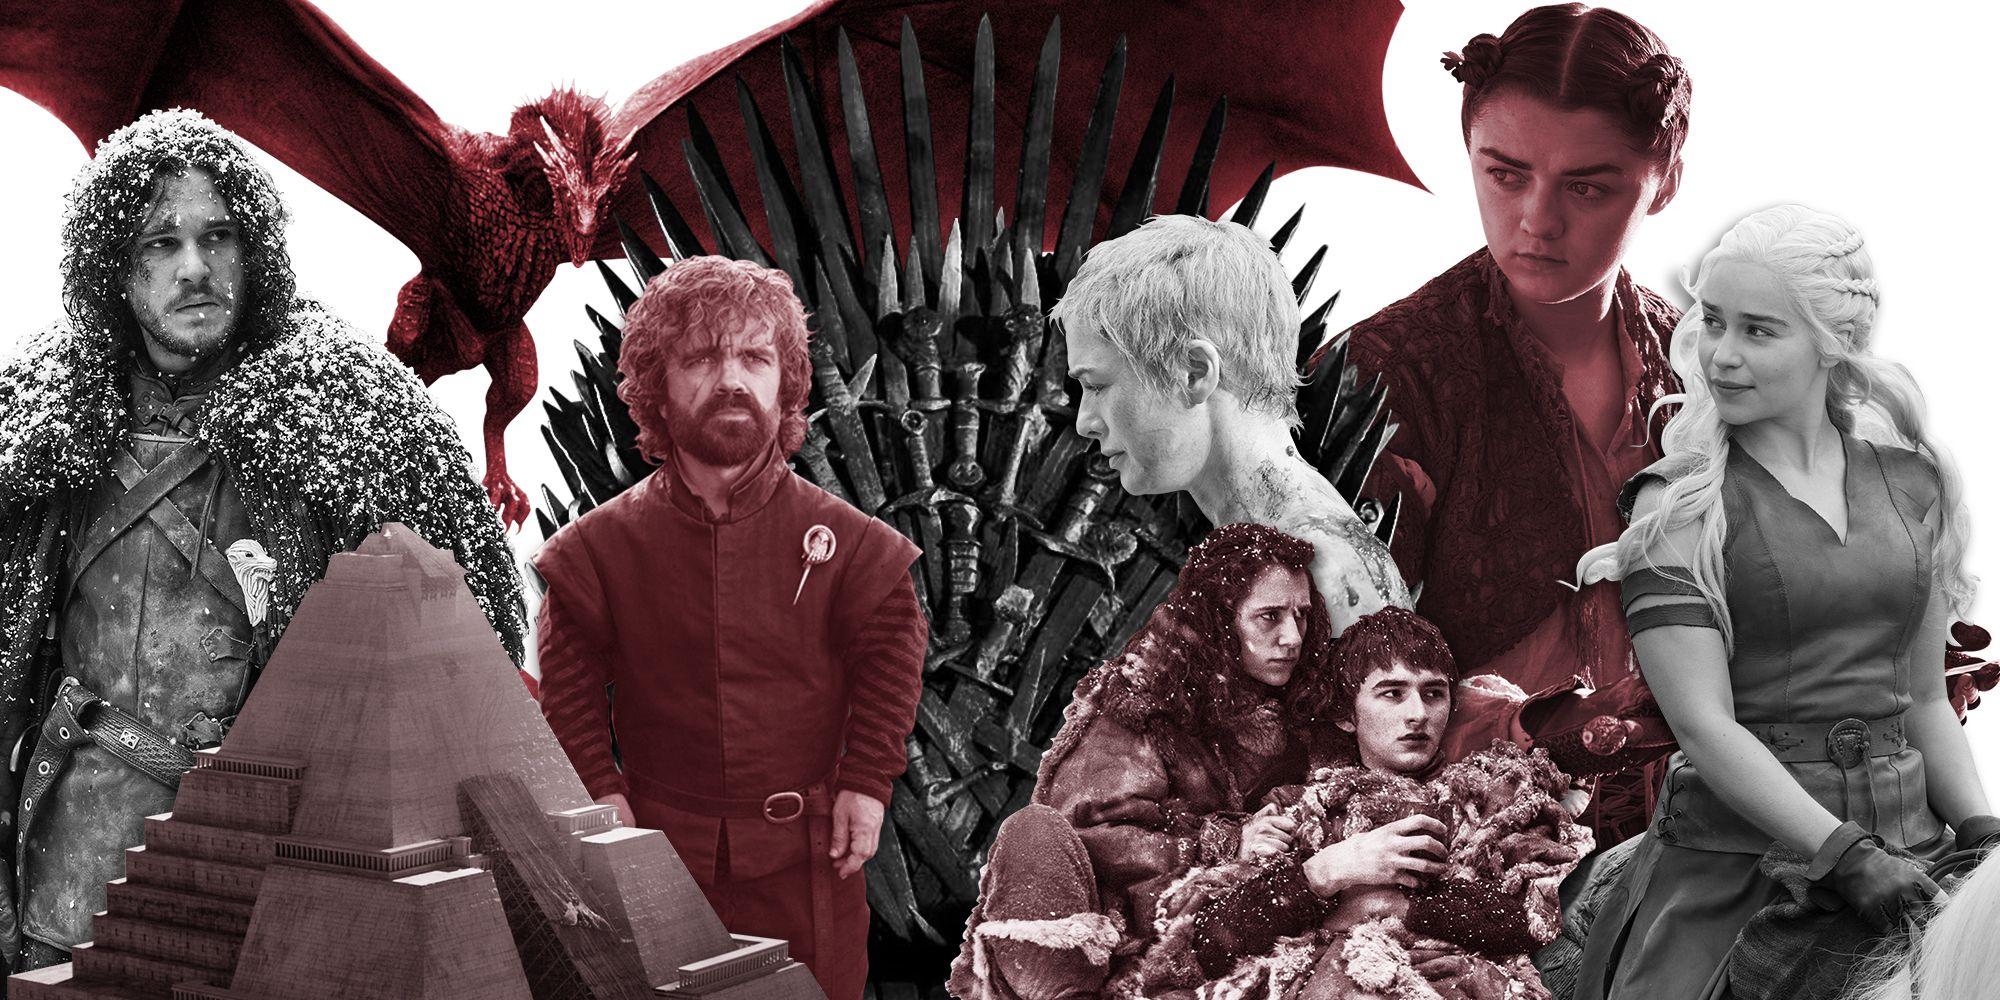 20 Greatest \u0027Game of Thrones\u0027 Scenes in All 6 Seasons \u2013 Most ...